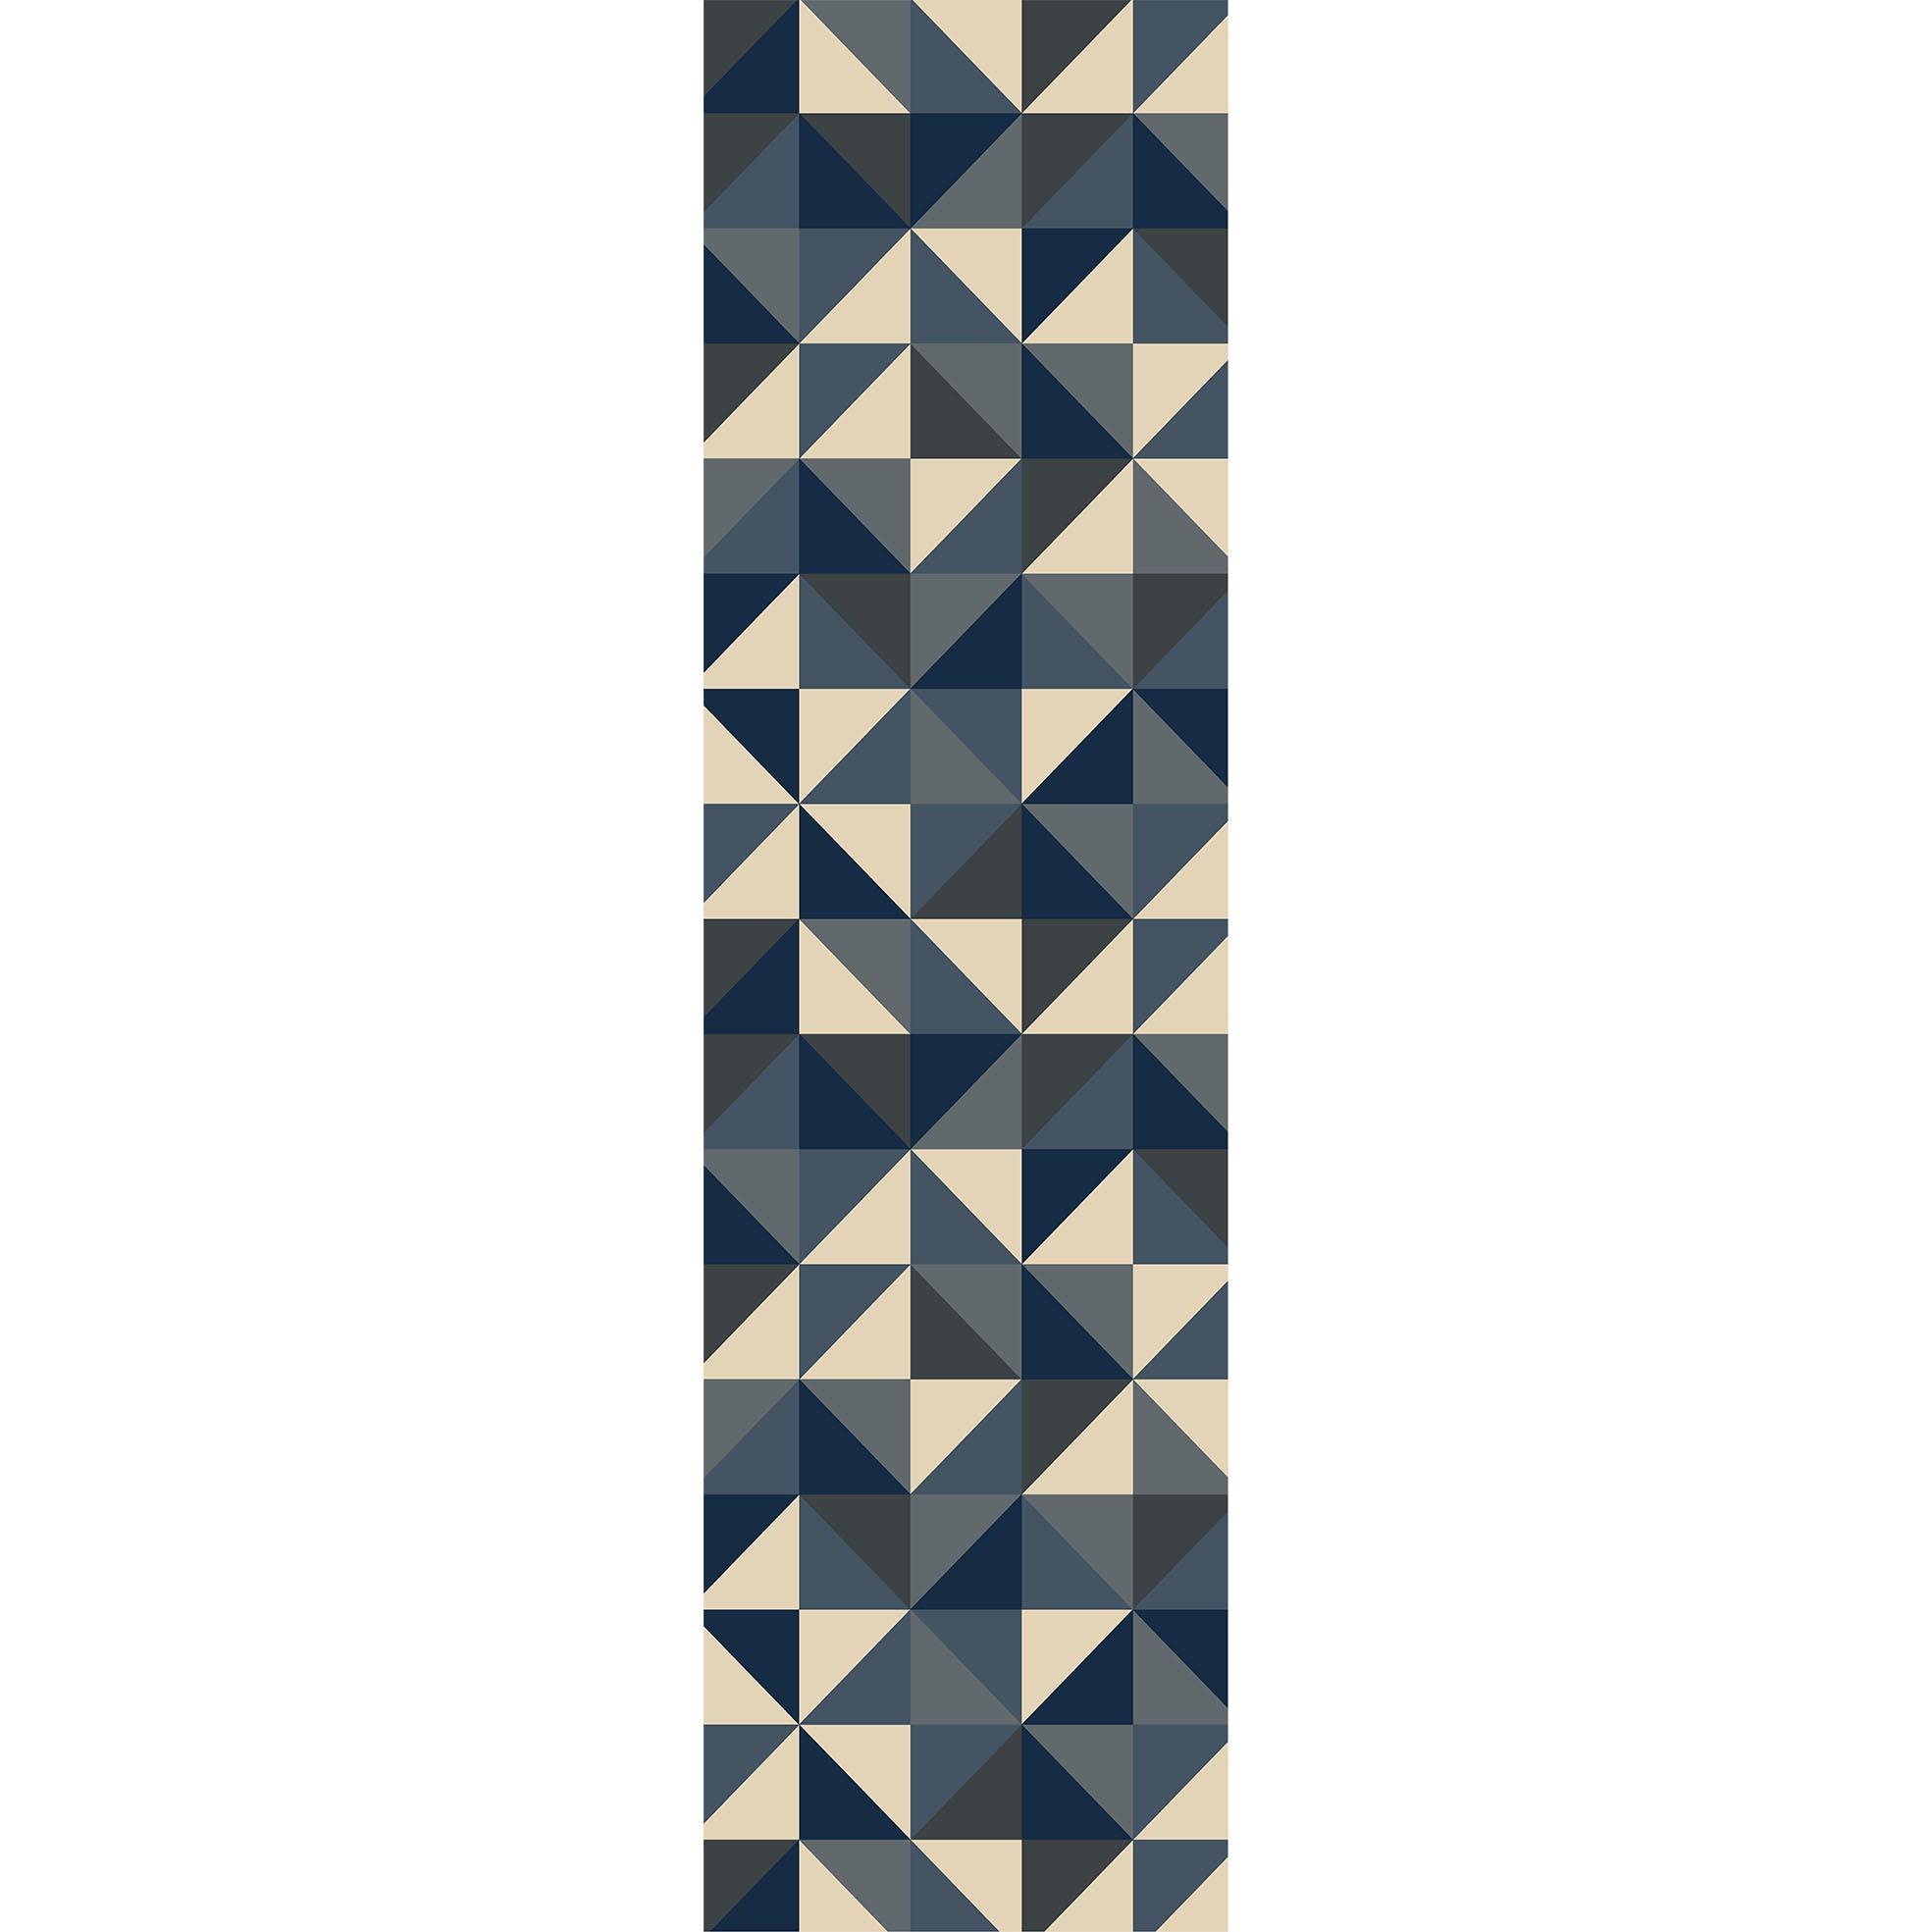 Passadeira Maximum - 66 x 240 cm